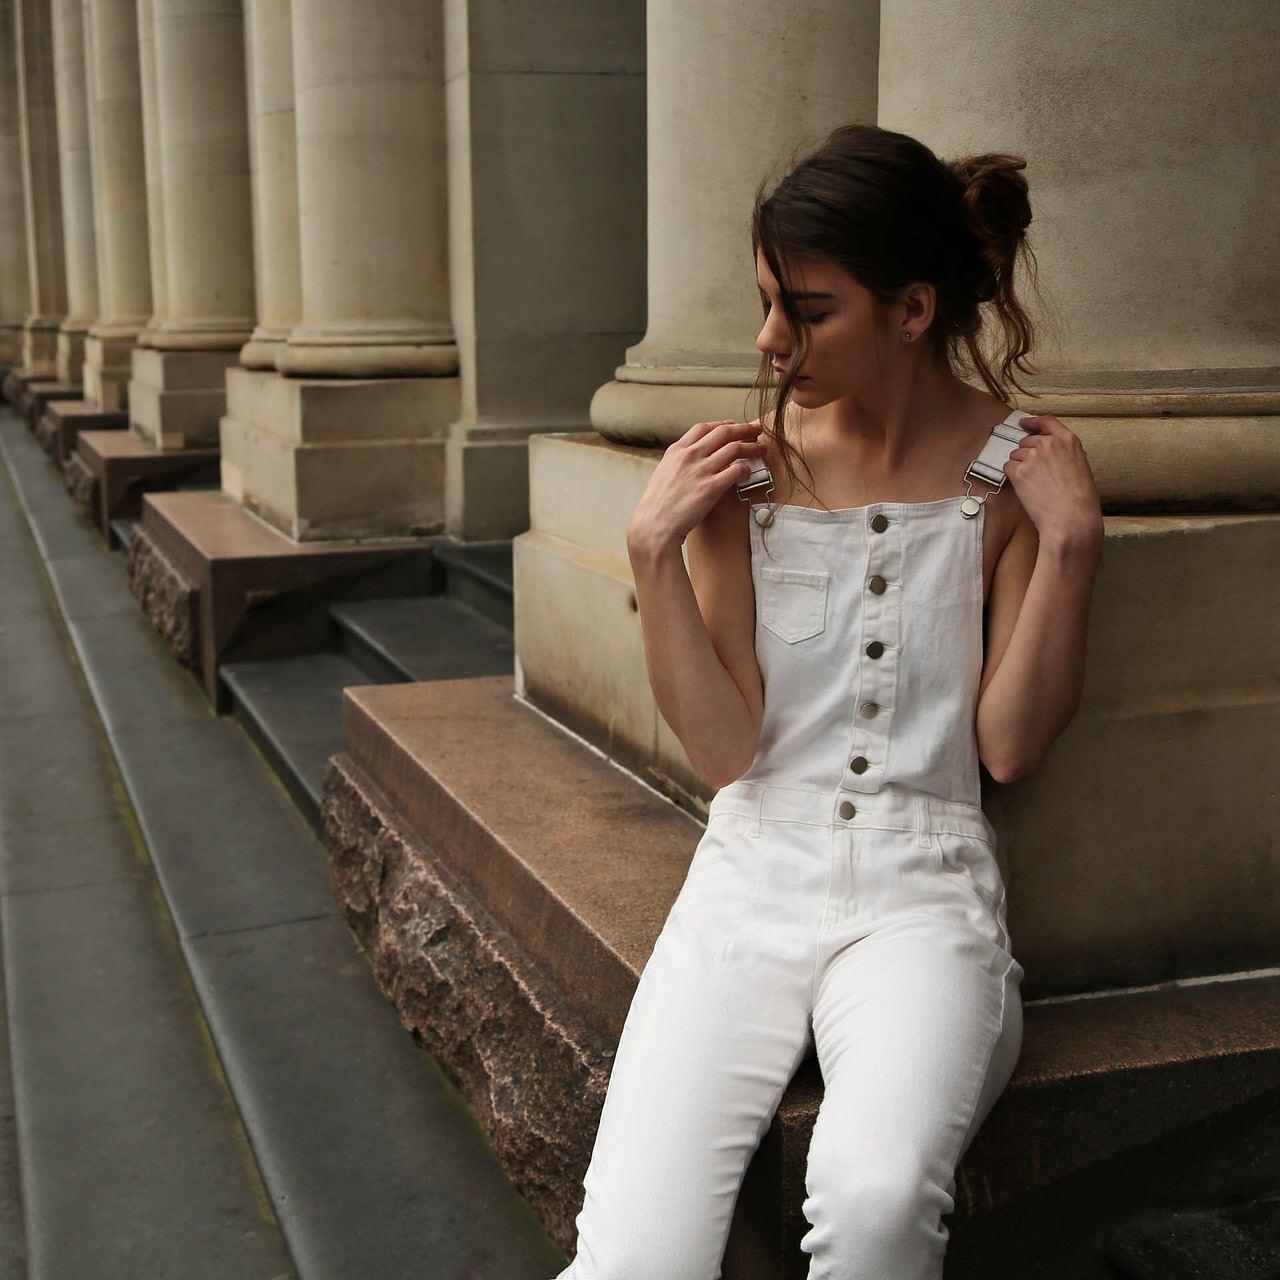 Come abbinare bene i pantaloni bianchi in estate